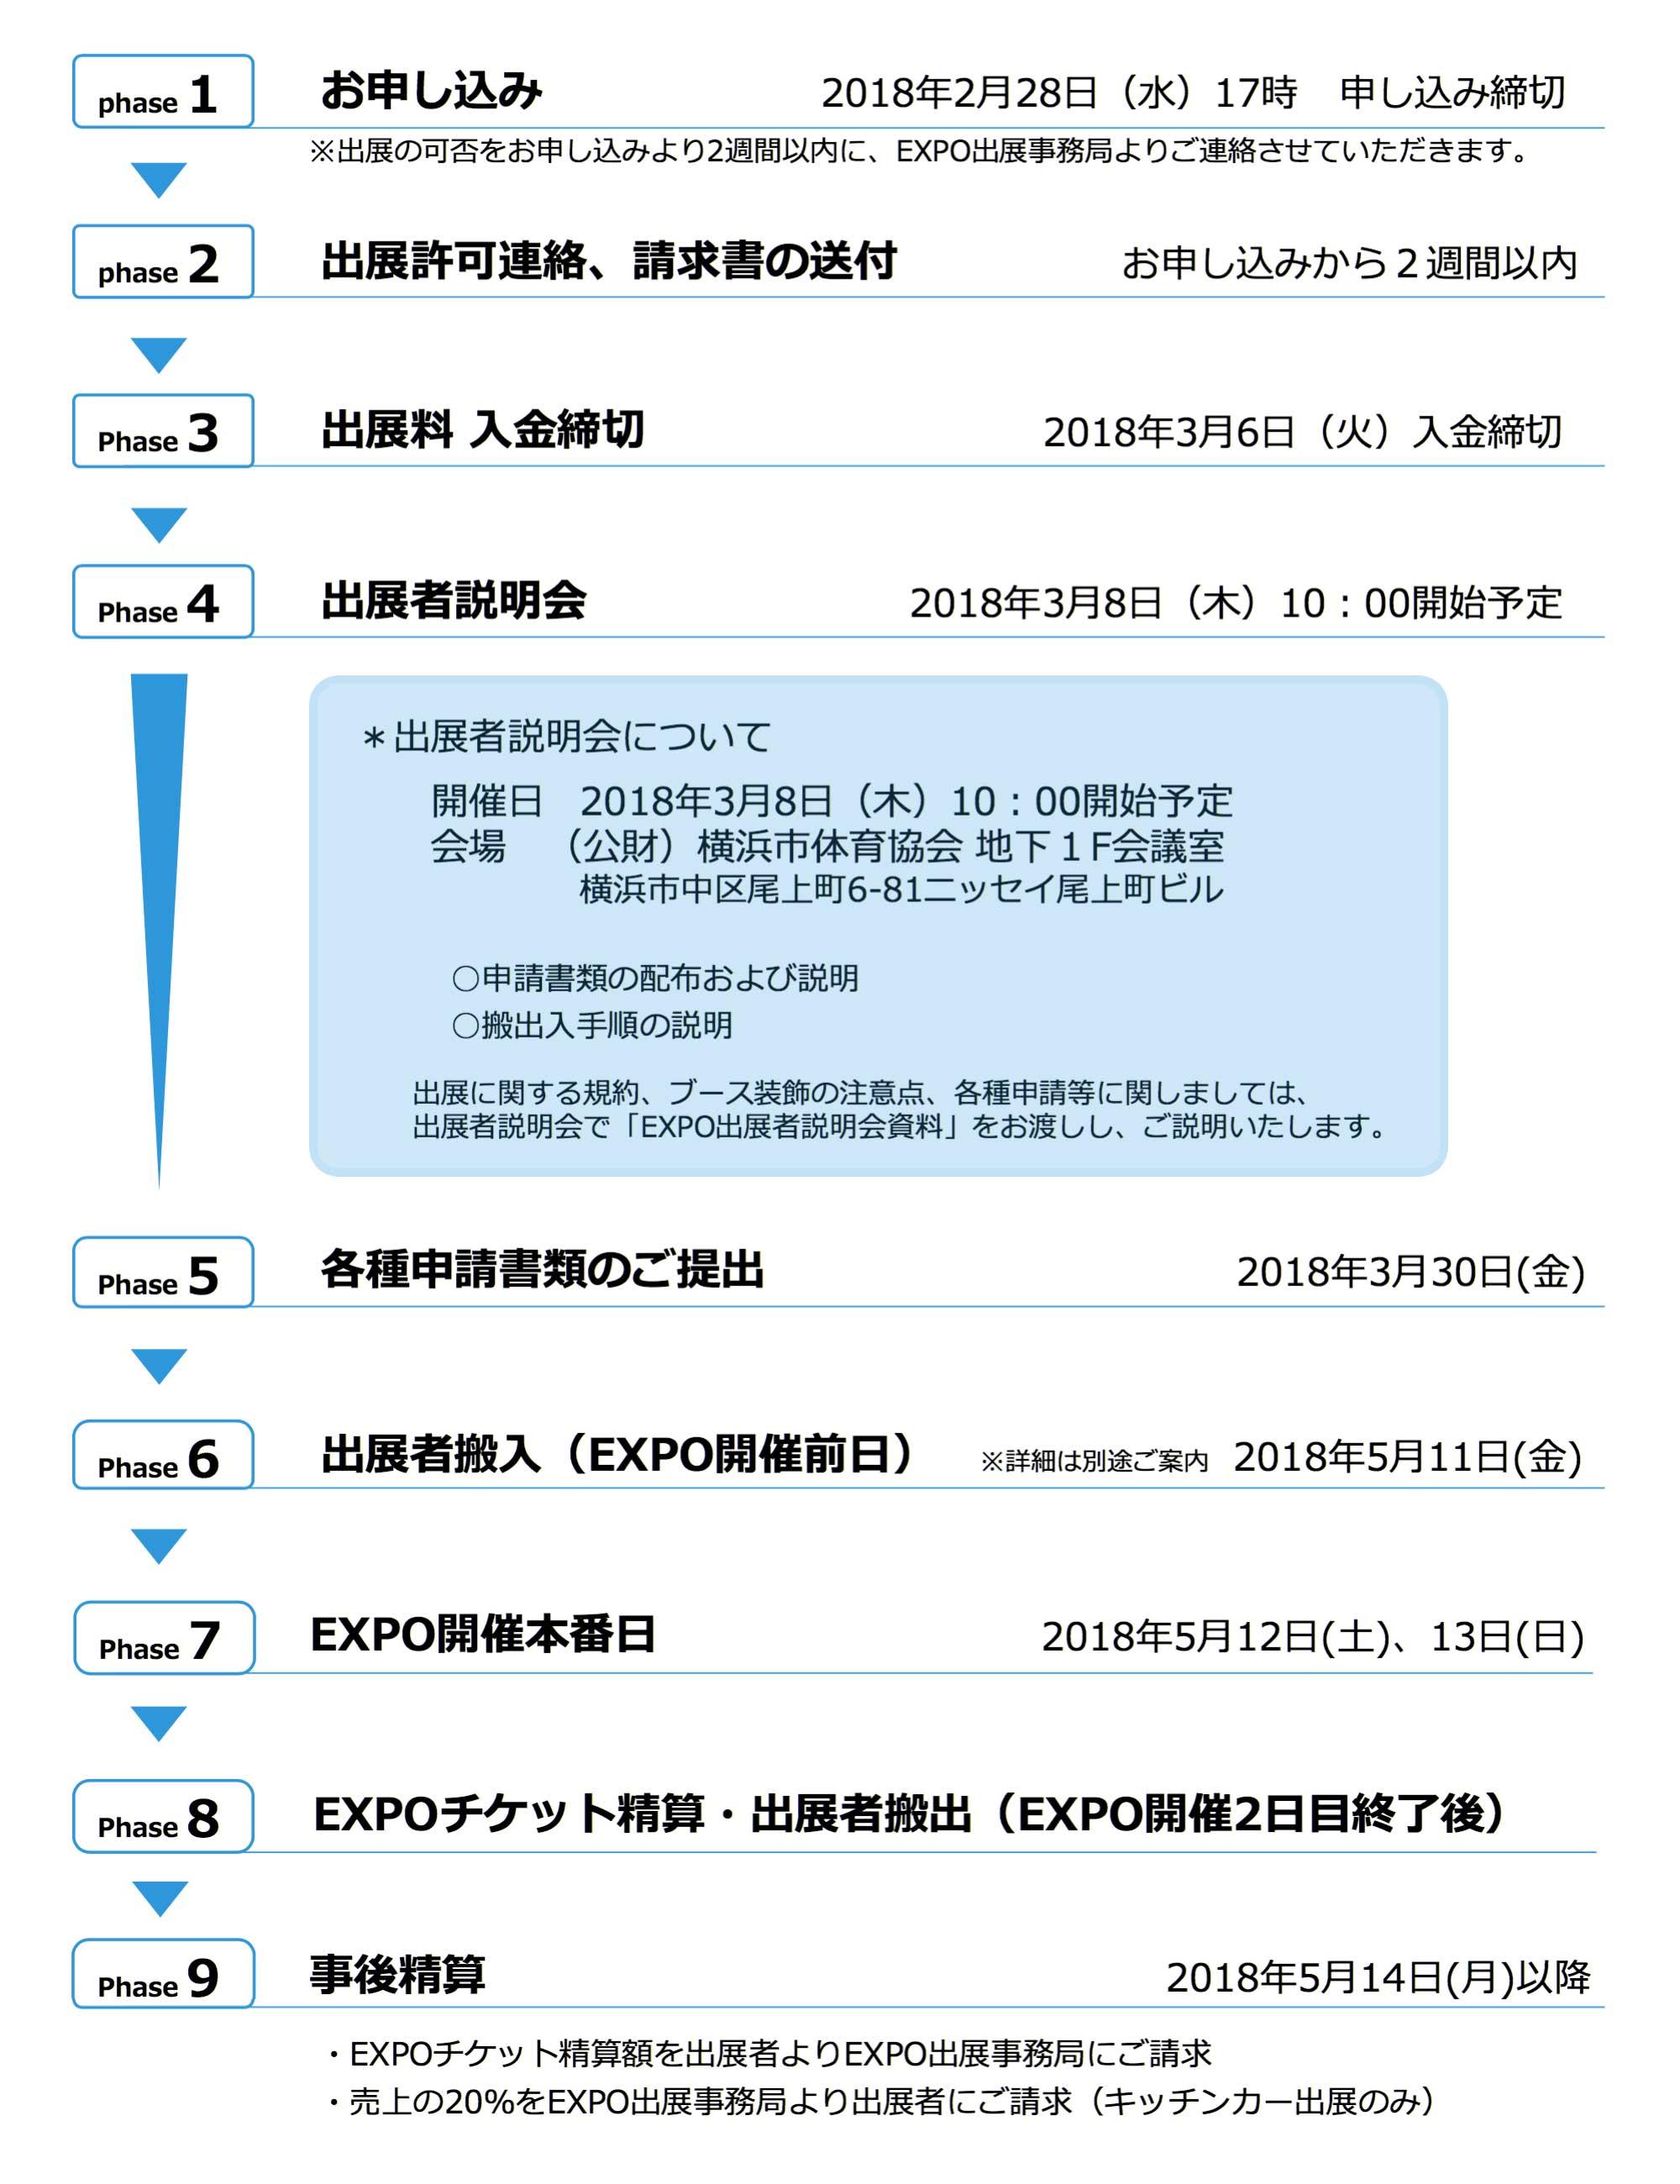 https://yokohamatriathlon.jp/wts/img/pic_expo2018-01.jpg